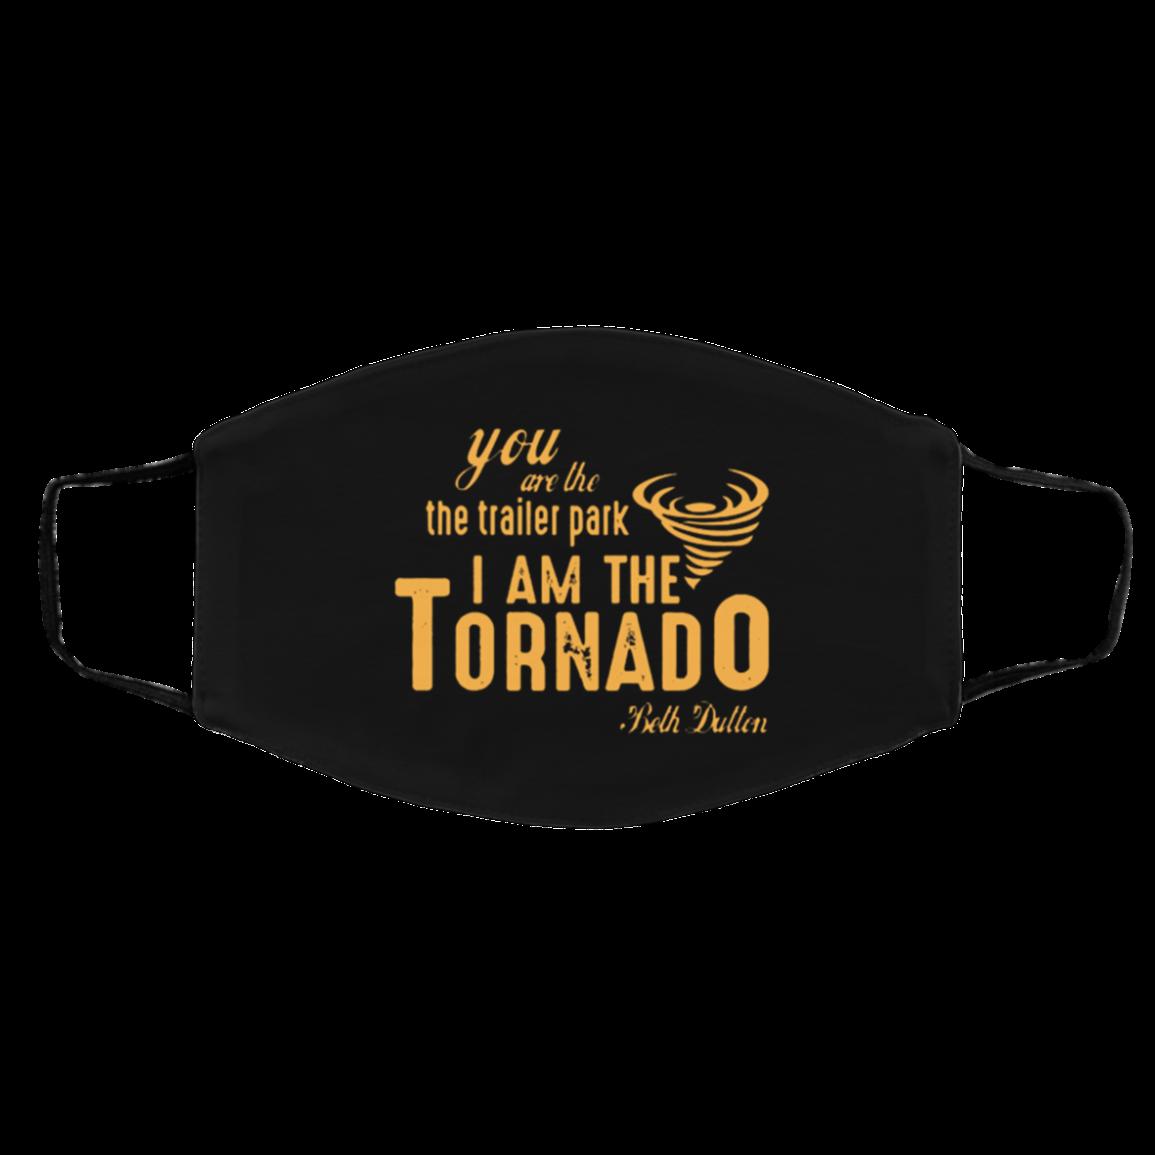 3 You are the trailer park I am the Tornado 2020 Face masks